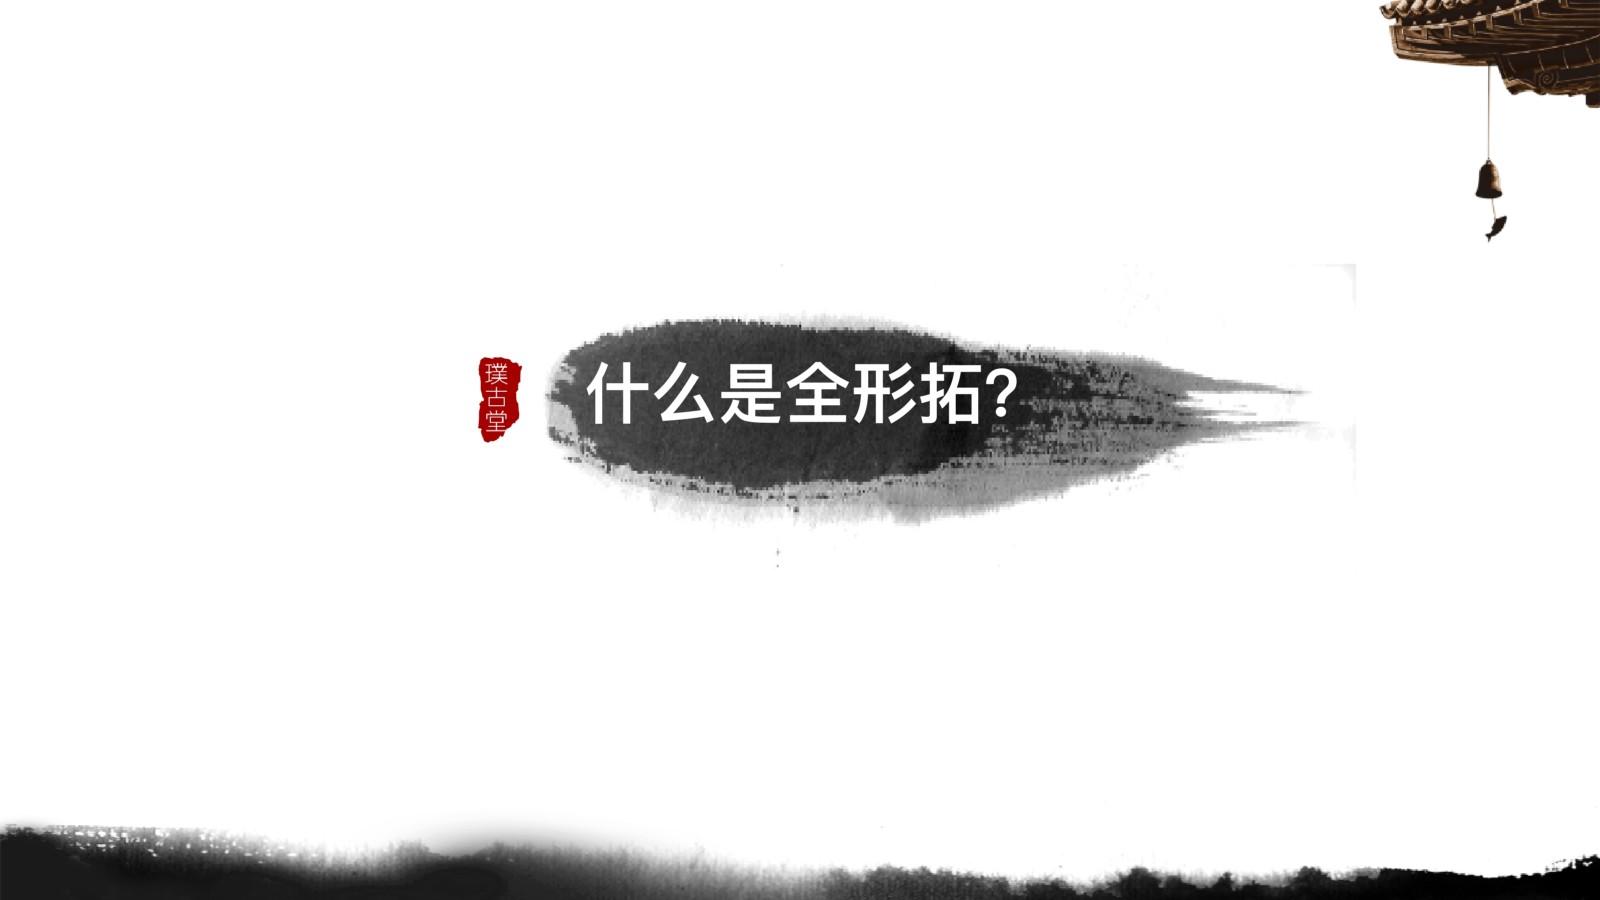 【展讯】由何晓巍总策划的璞古堂吉金留香书画拓片展9月22日与您相约崇州·白塔寺·碧落书舍 –